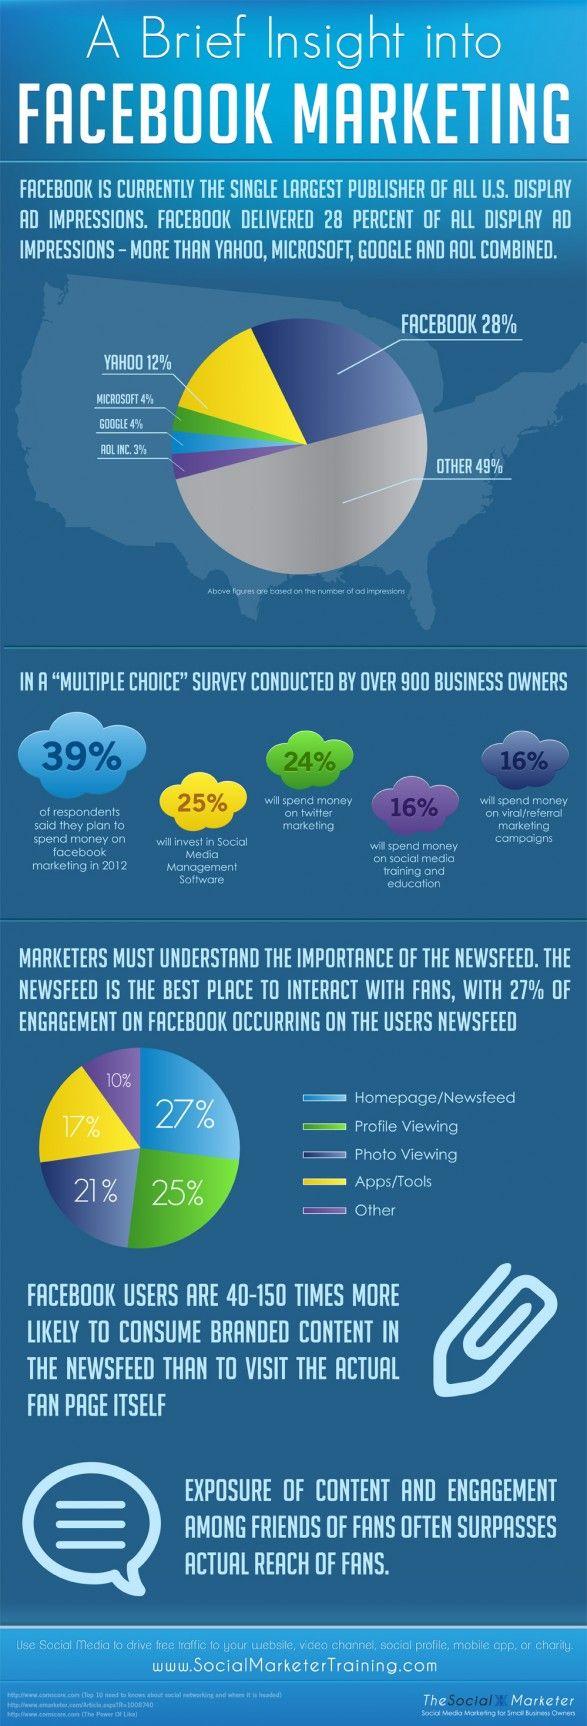 페이스북(소셜미디어) 마케팅에 대한 통계. 페이스북이 미국 디스플레이 광고 시장의 28% 차지. 뉴스피드가 뭔지를 알아야 한다는 지적. (뉴스피드에 잘 노출되는게 중요하다)